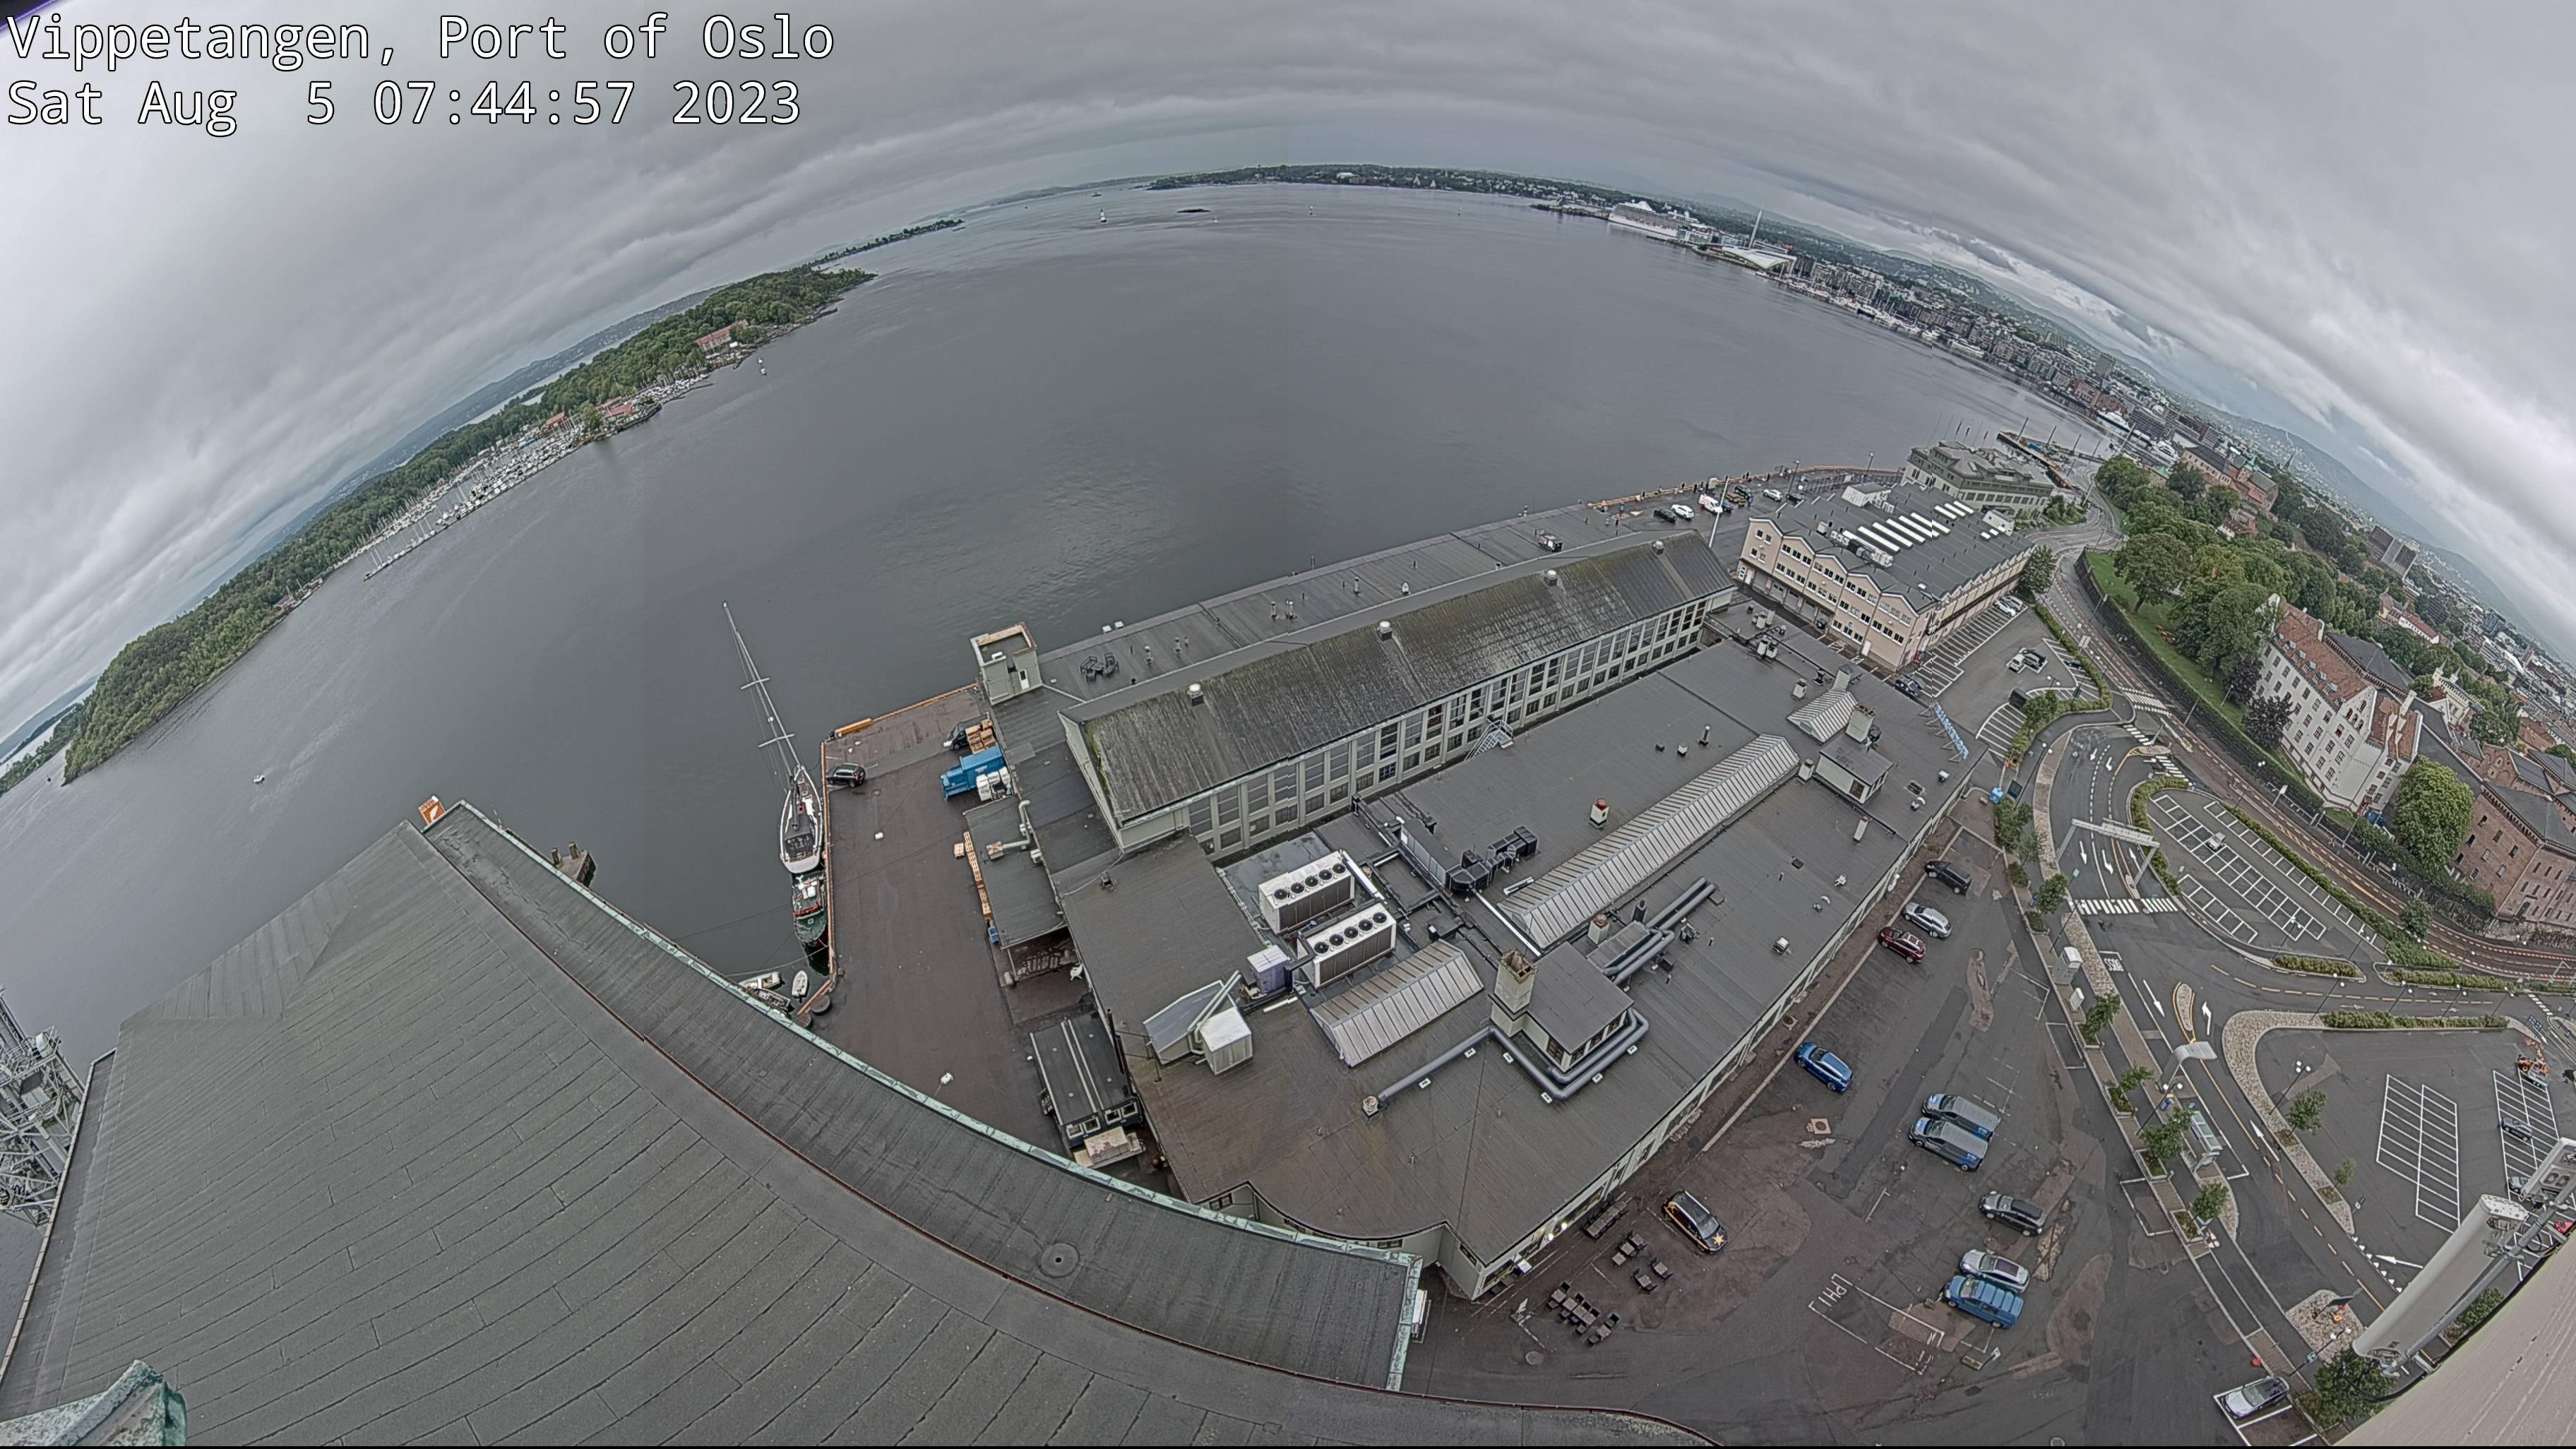 Oslo - haven; Vippetangen